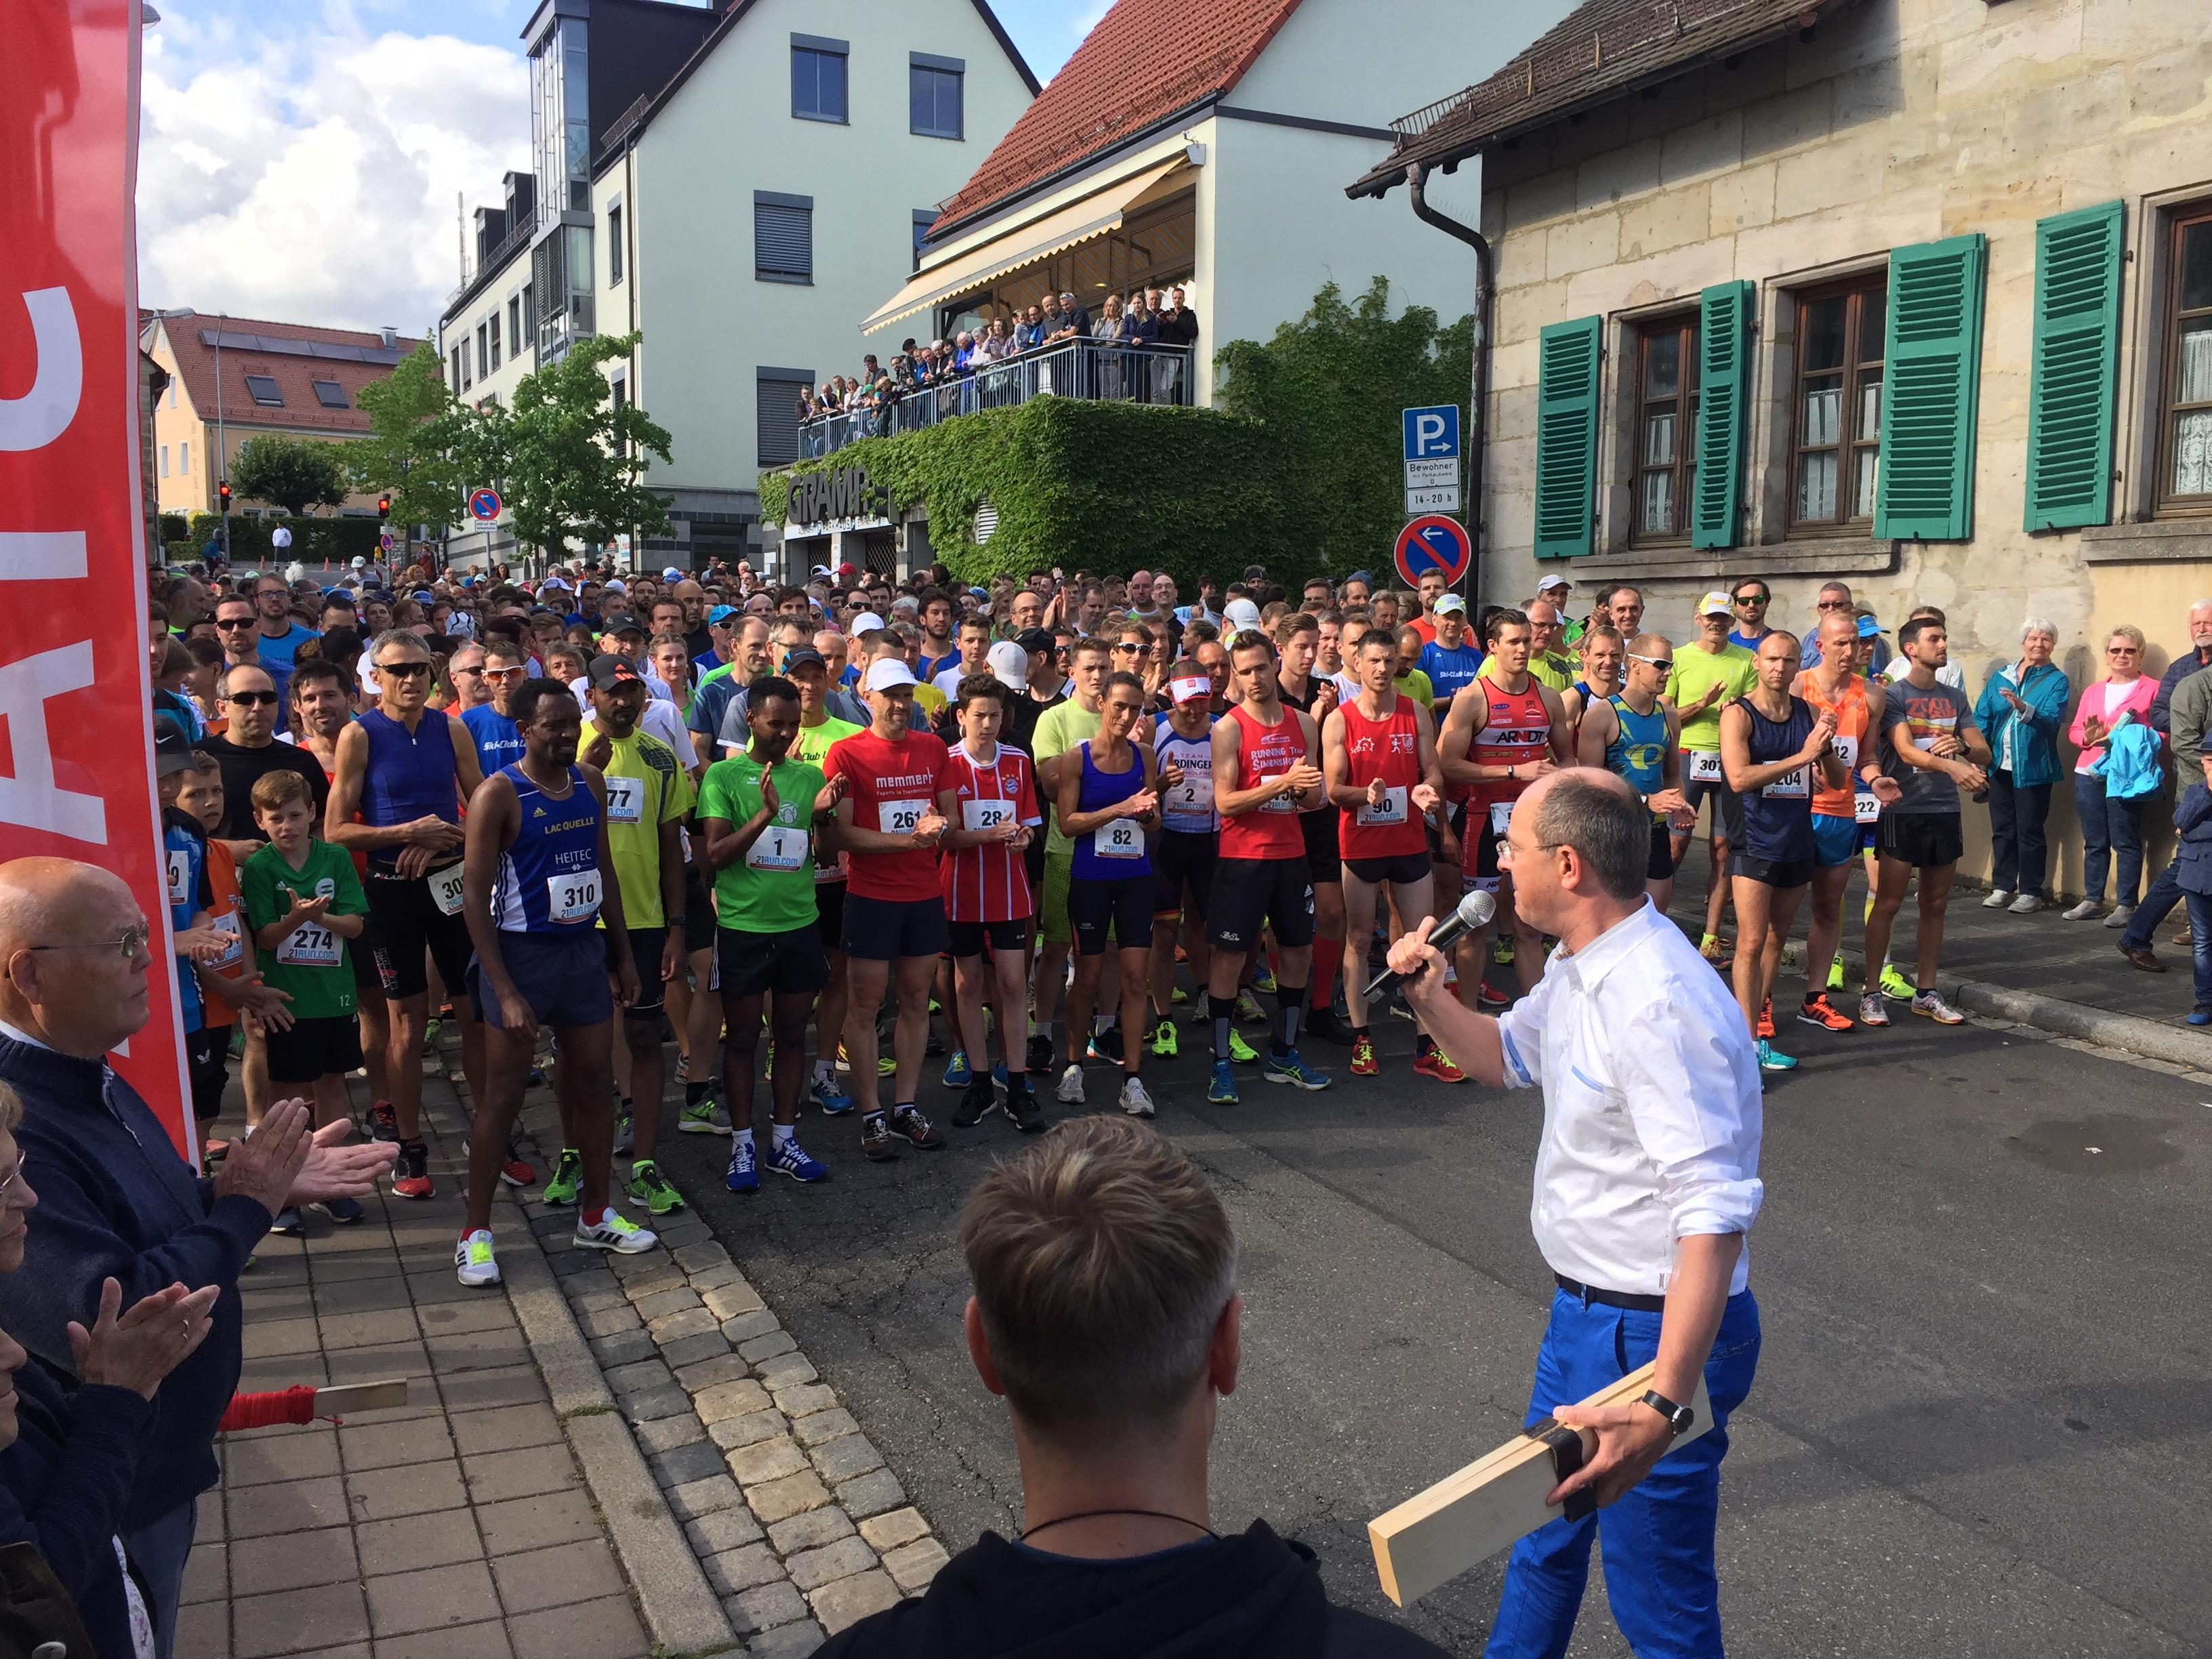 Startschuss des 20. Altstadtfestlaufs durch Benedikt Bisping, 1. Bürgermeister Stadt Lauf und Schirmherr des Benefizlaufs.